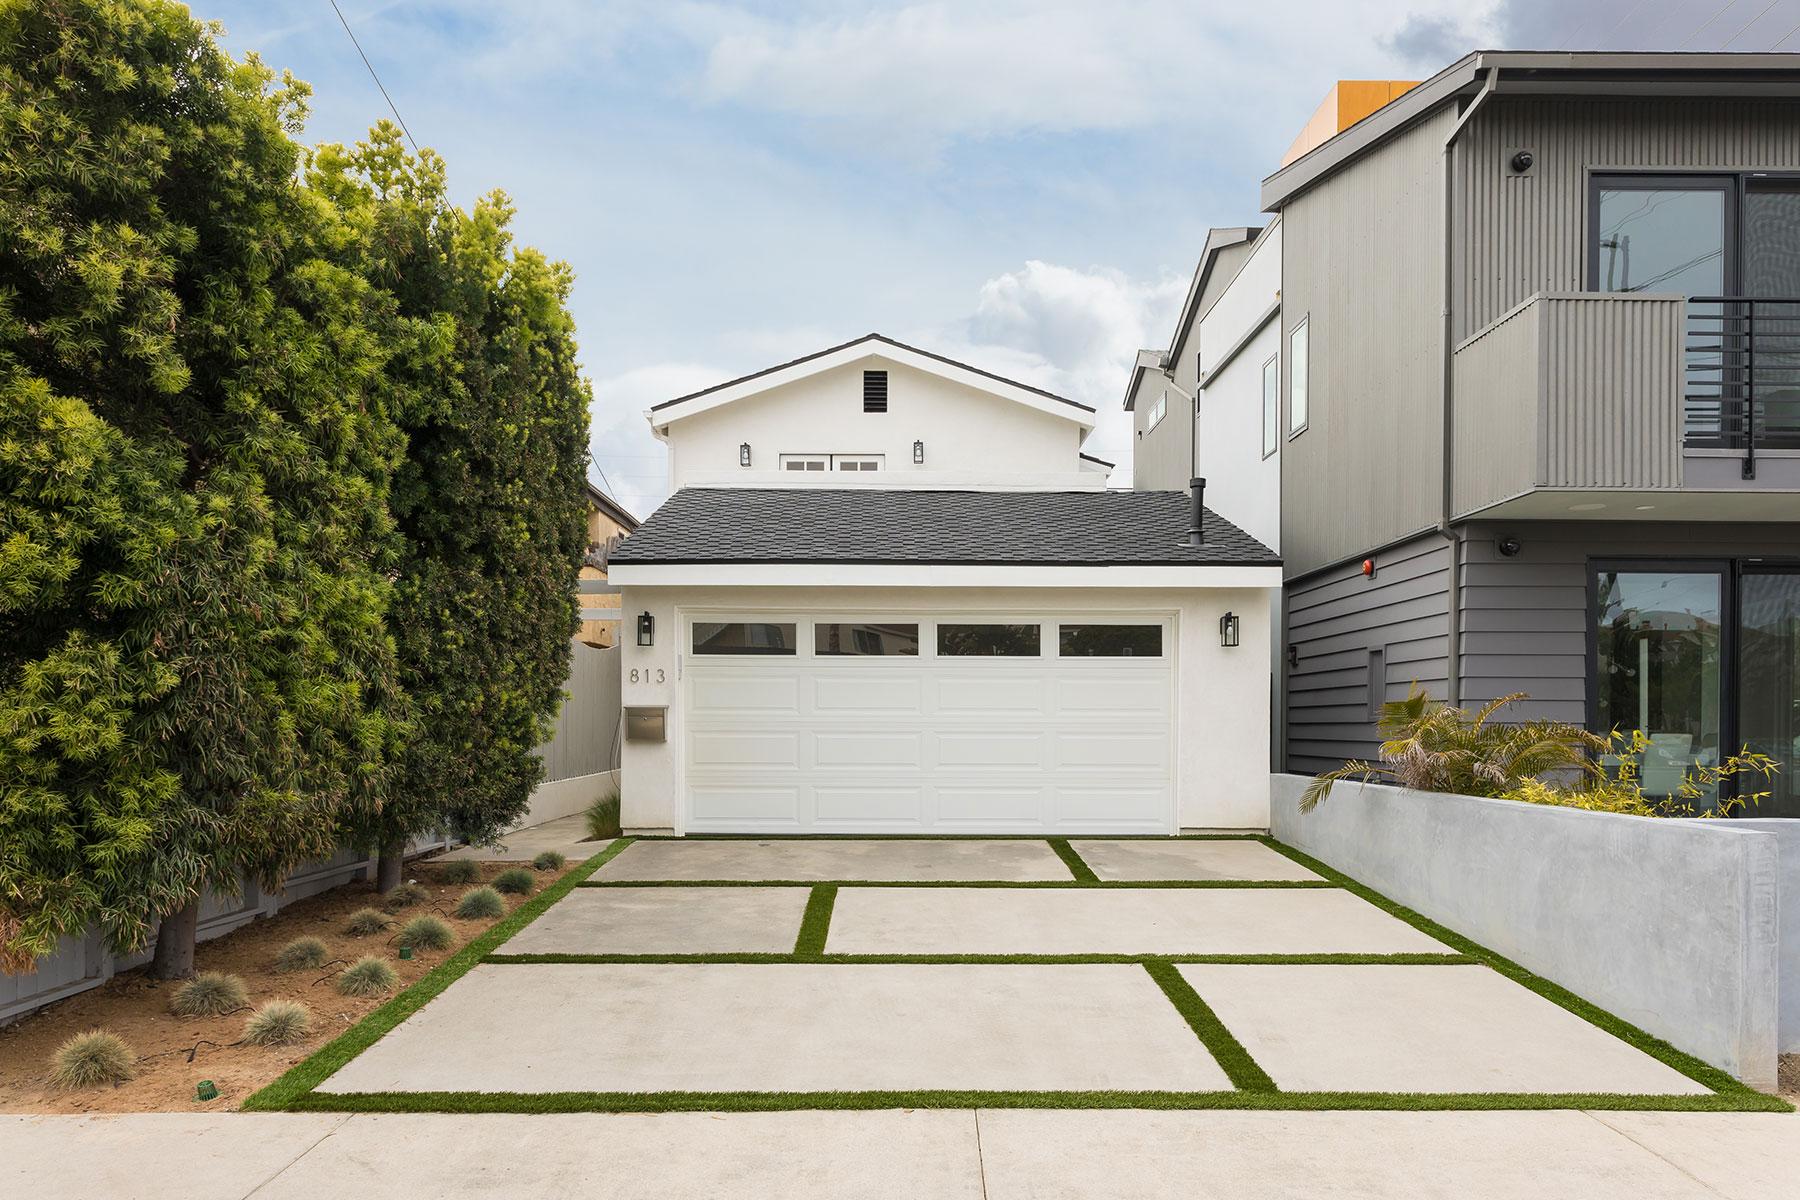 独户住宅 为 销售 在 813 Alabama 杭廷顿海滩, 加利福尼亚州, 92648 美国